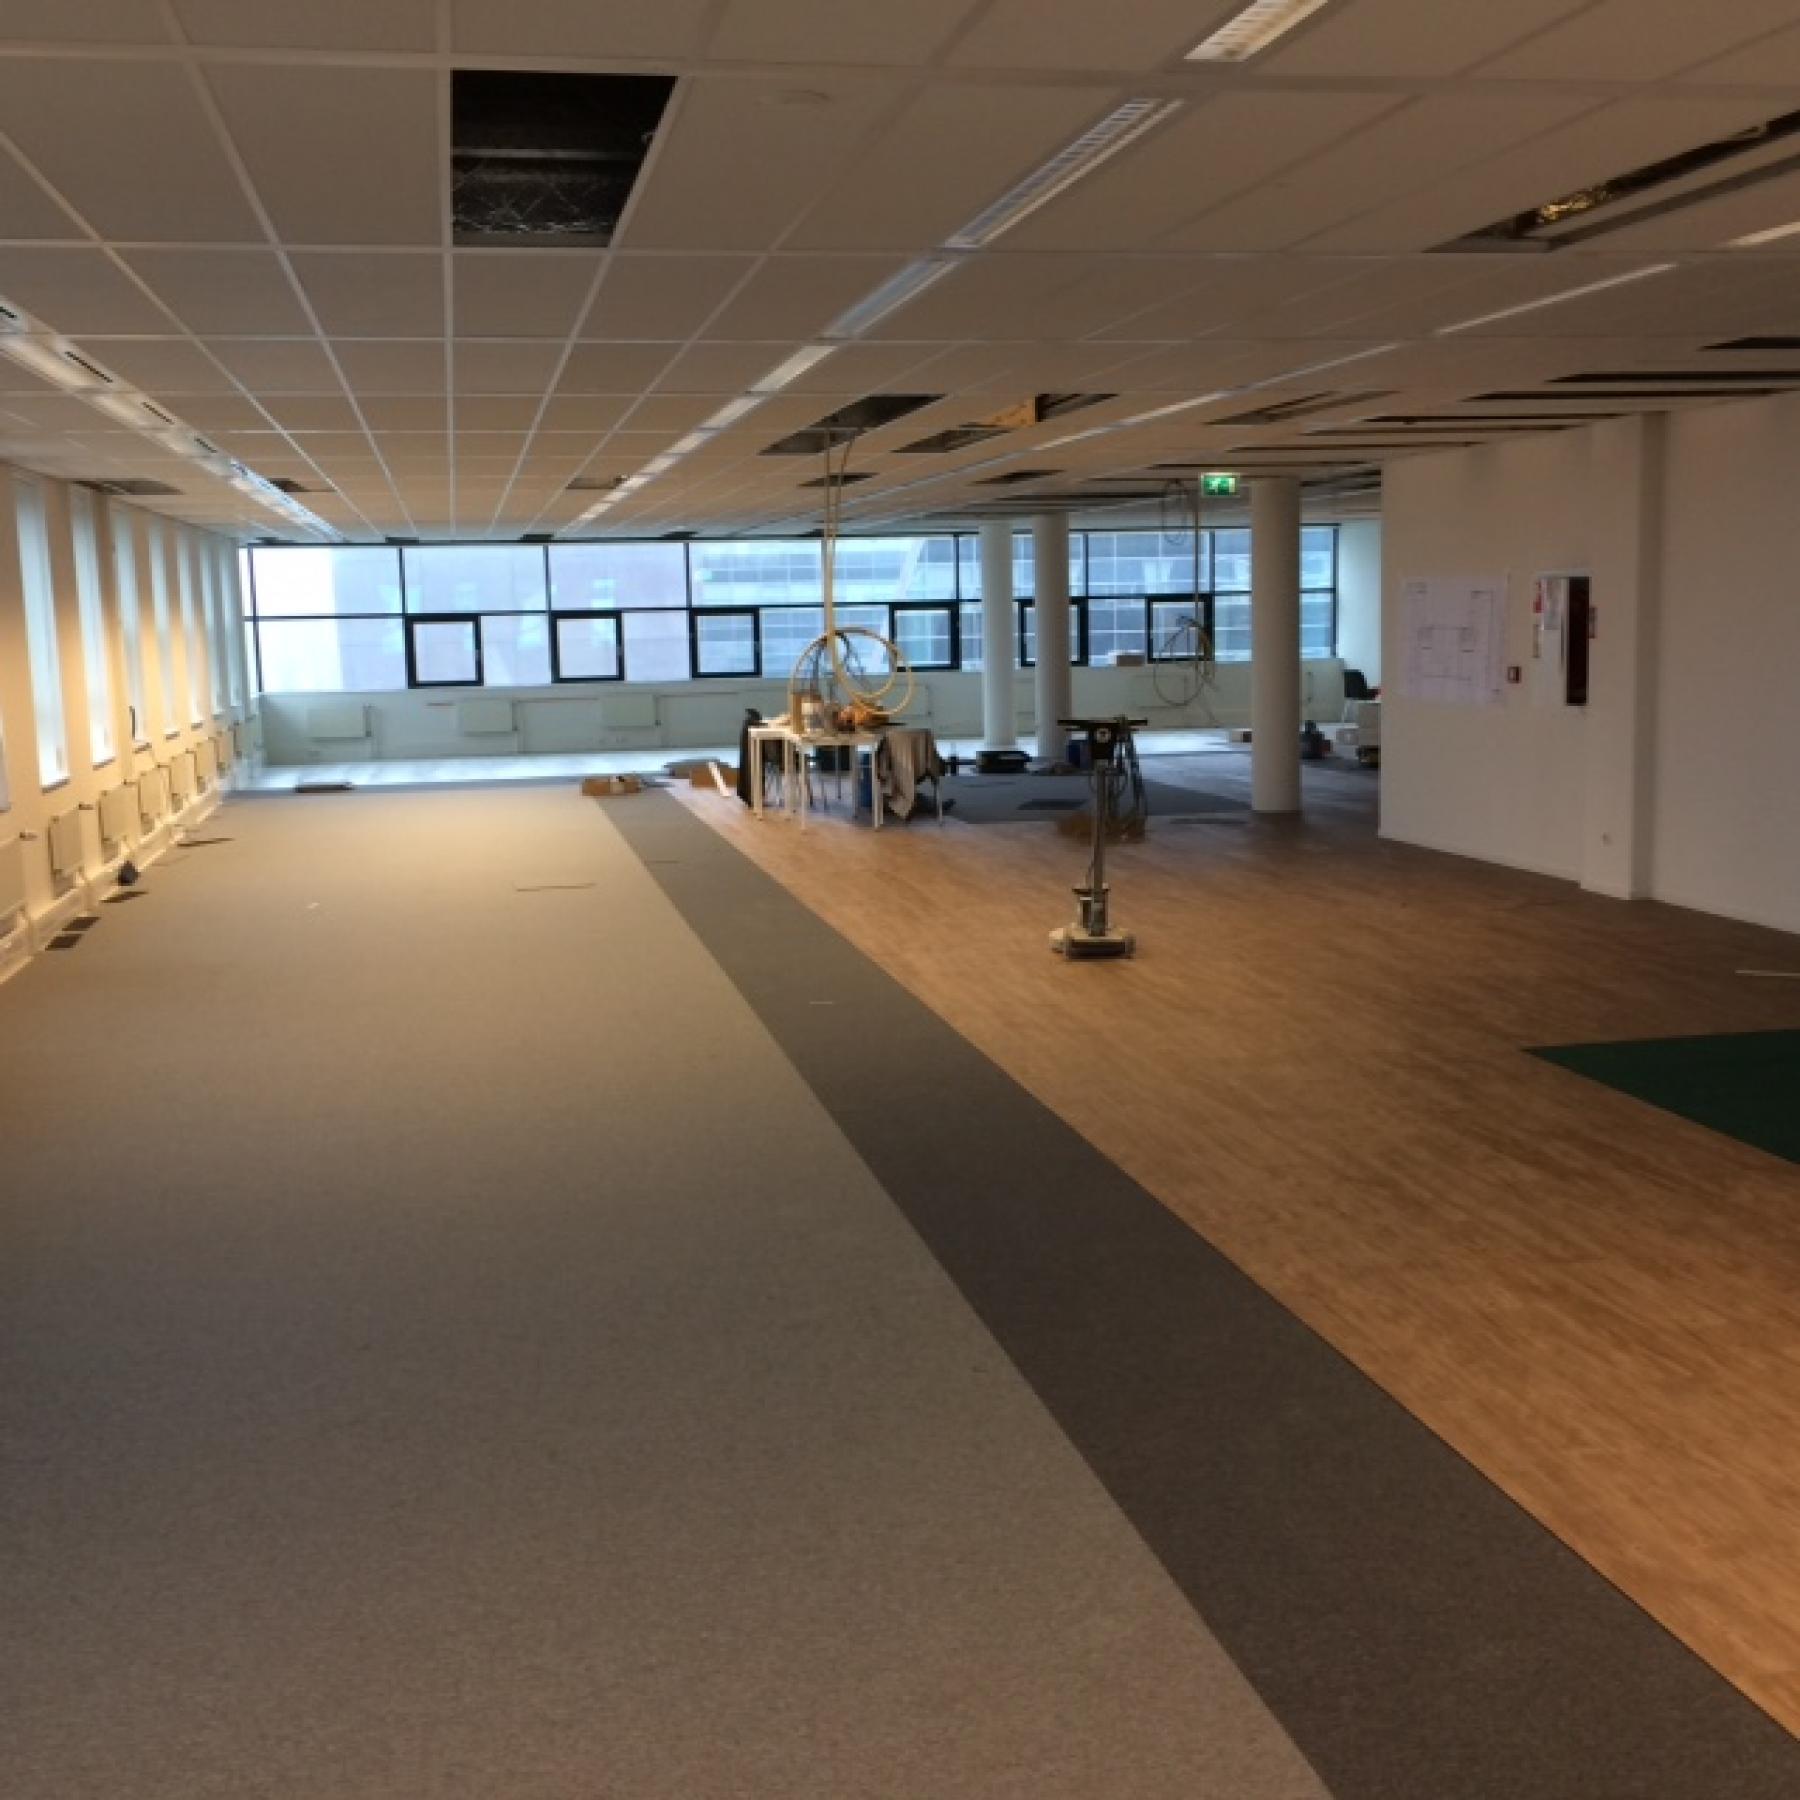 SKEPP realisatie kantoor Zwolle